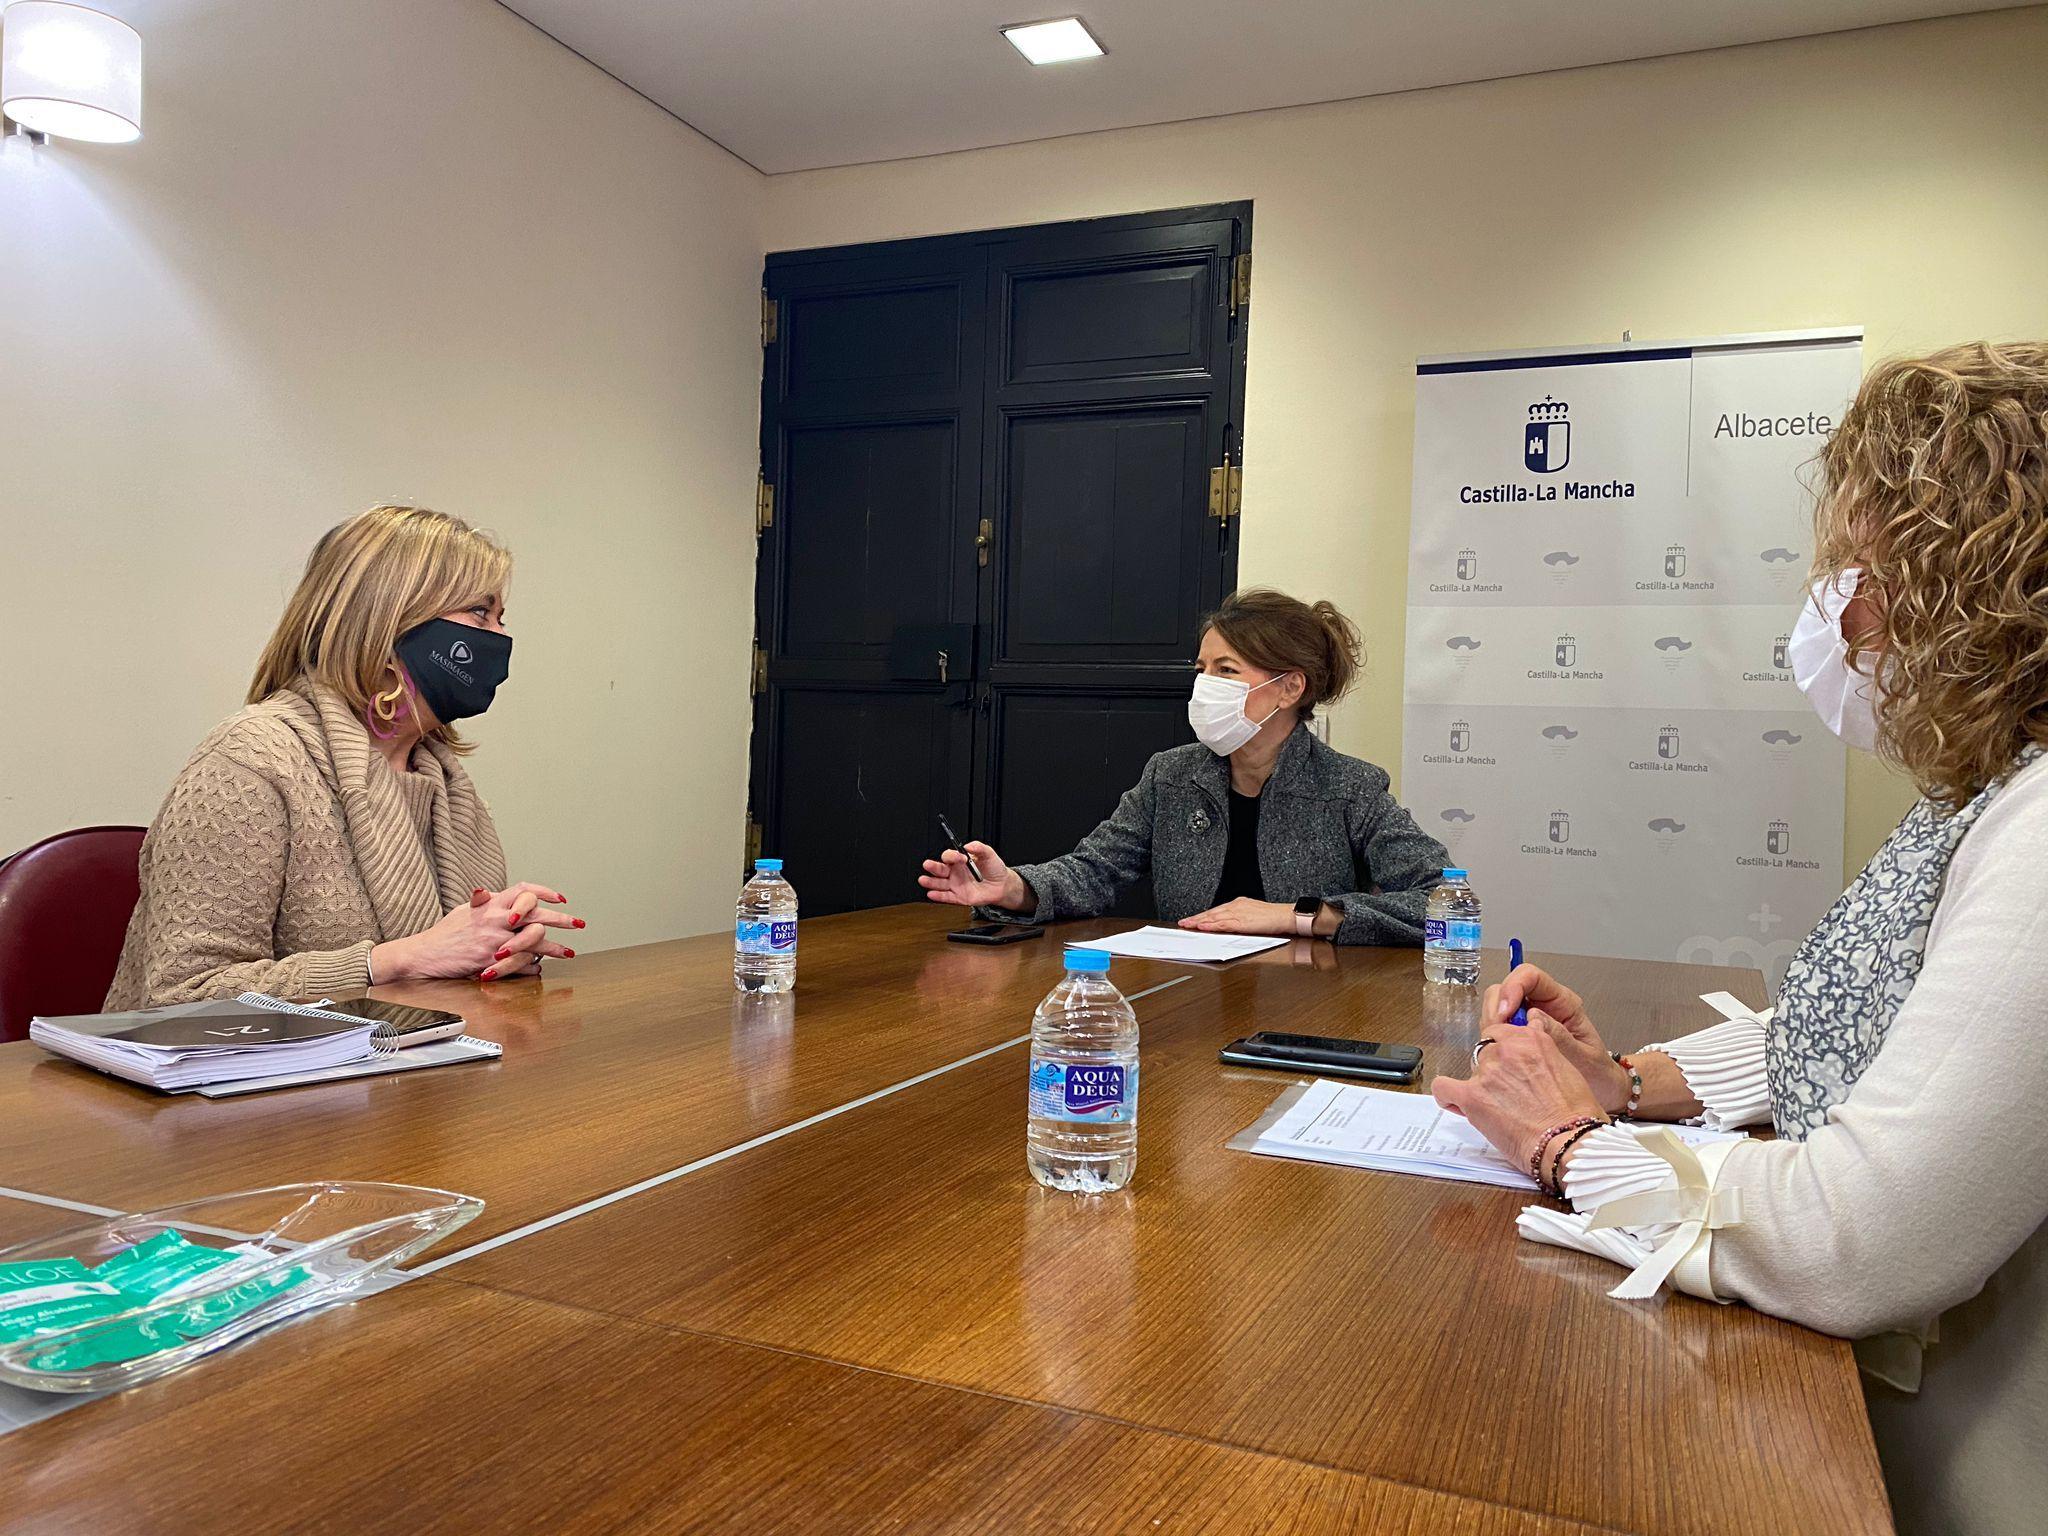 La consejera de Bienestar Social mantiene una reunión de trabajo con la presidenta de Amepap (Asociación de mujeres empresarias de Albacete y provincia)